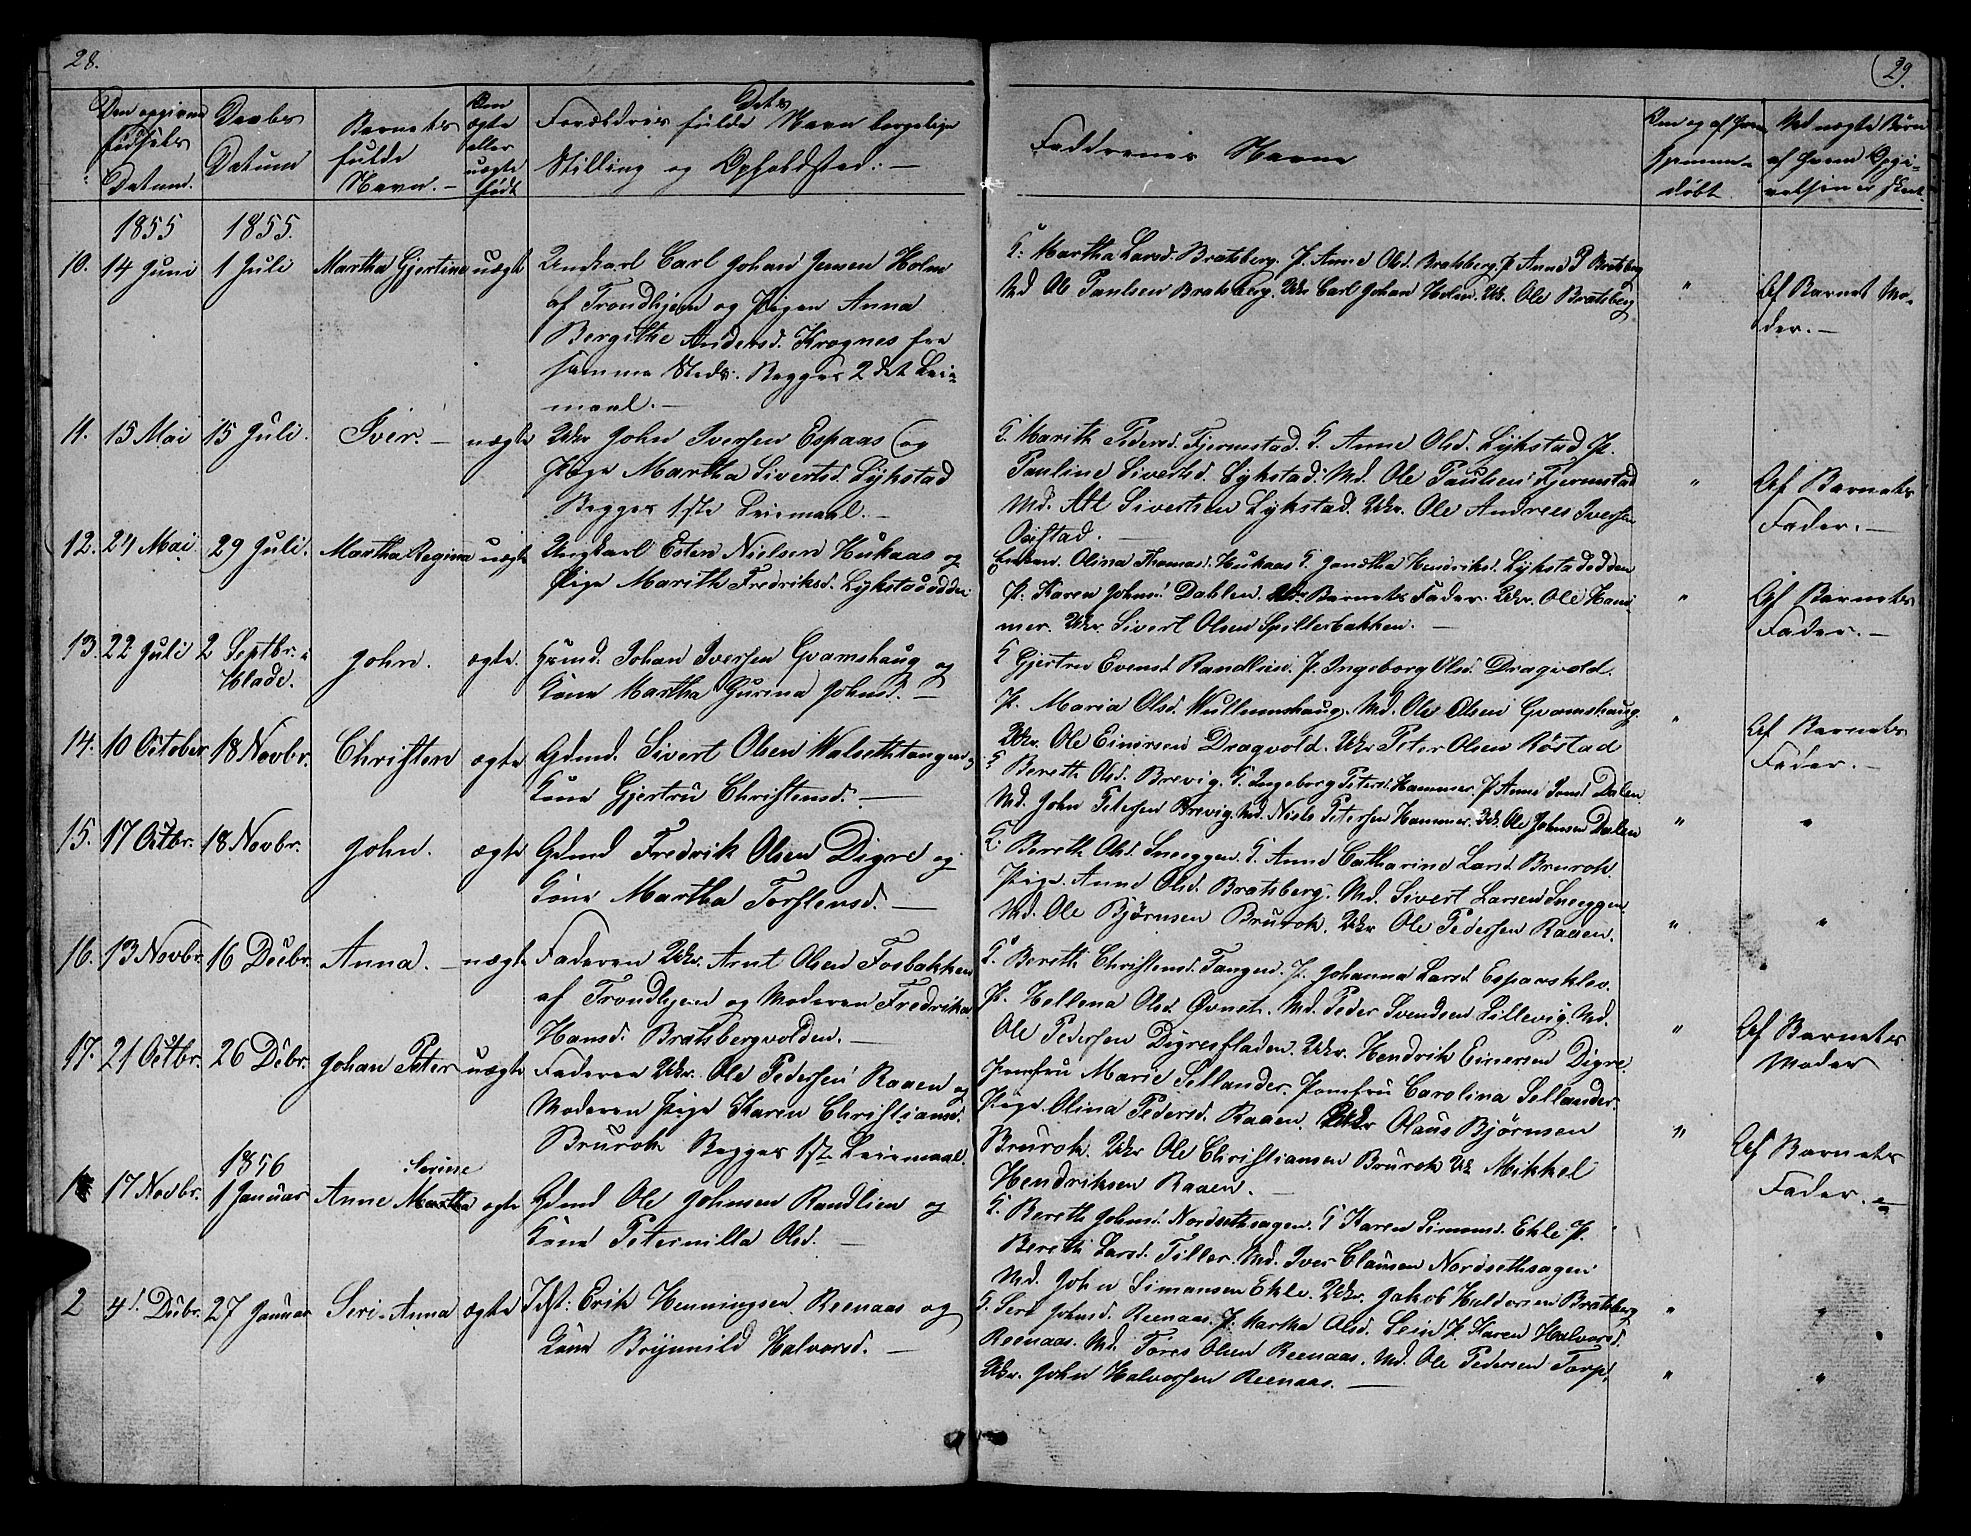 SAT, Ministerialprotokoller, klokkerbøker og fødselsregistre - Sør-Trøndelag, 608/L0339: Klokkerbok nr. 608C05, 1844-1863, s. 28-29